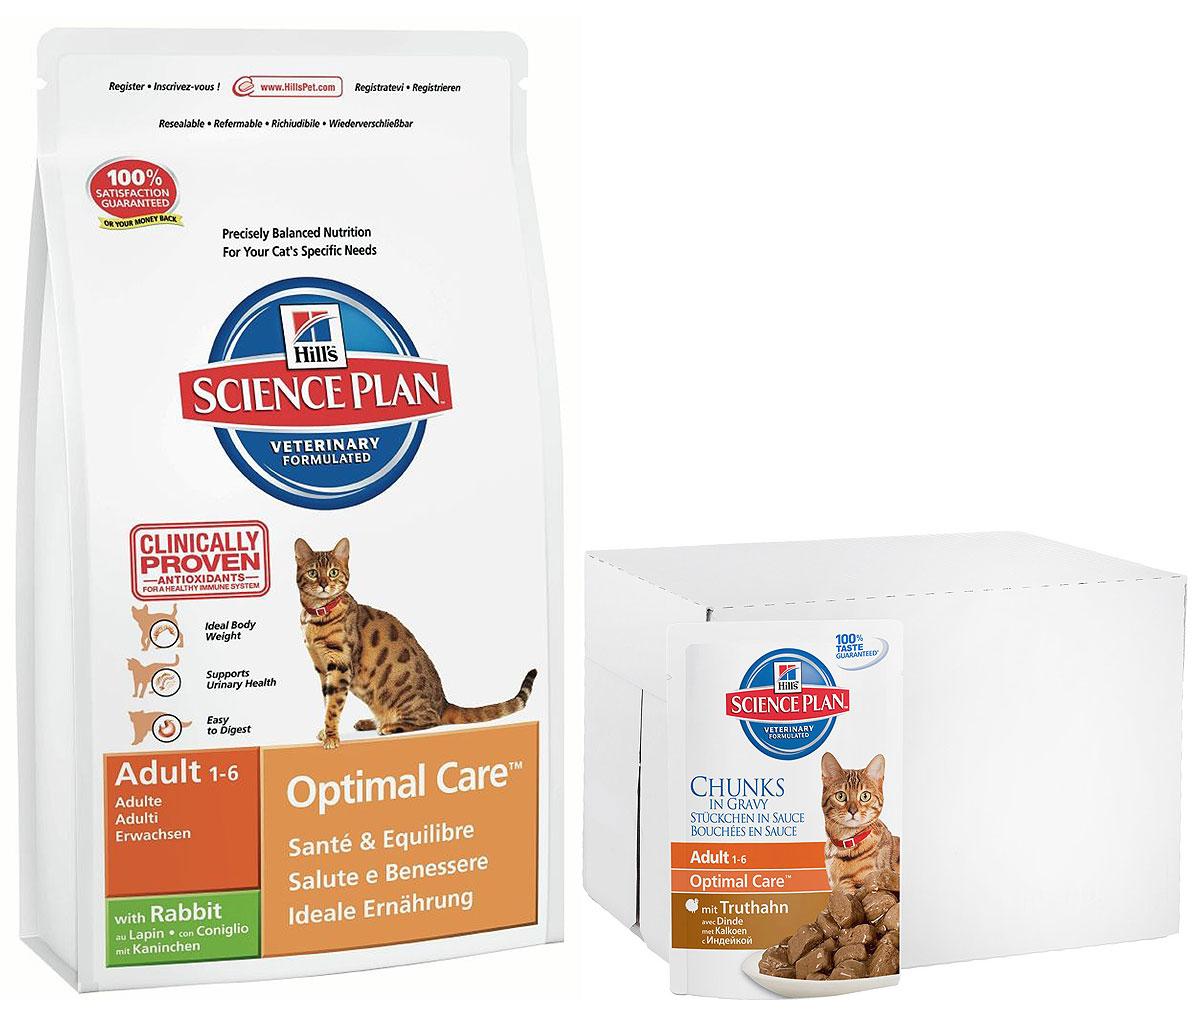 Корм сухой Hill's Optimal Care, для взрослых кошек, кролик, 5 кг + ПОДАРОК: Консервы для кошек Hill's, индейка, 85 г, 7 шт пудовъ мука ржаная обдирная 1 кг